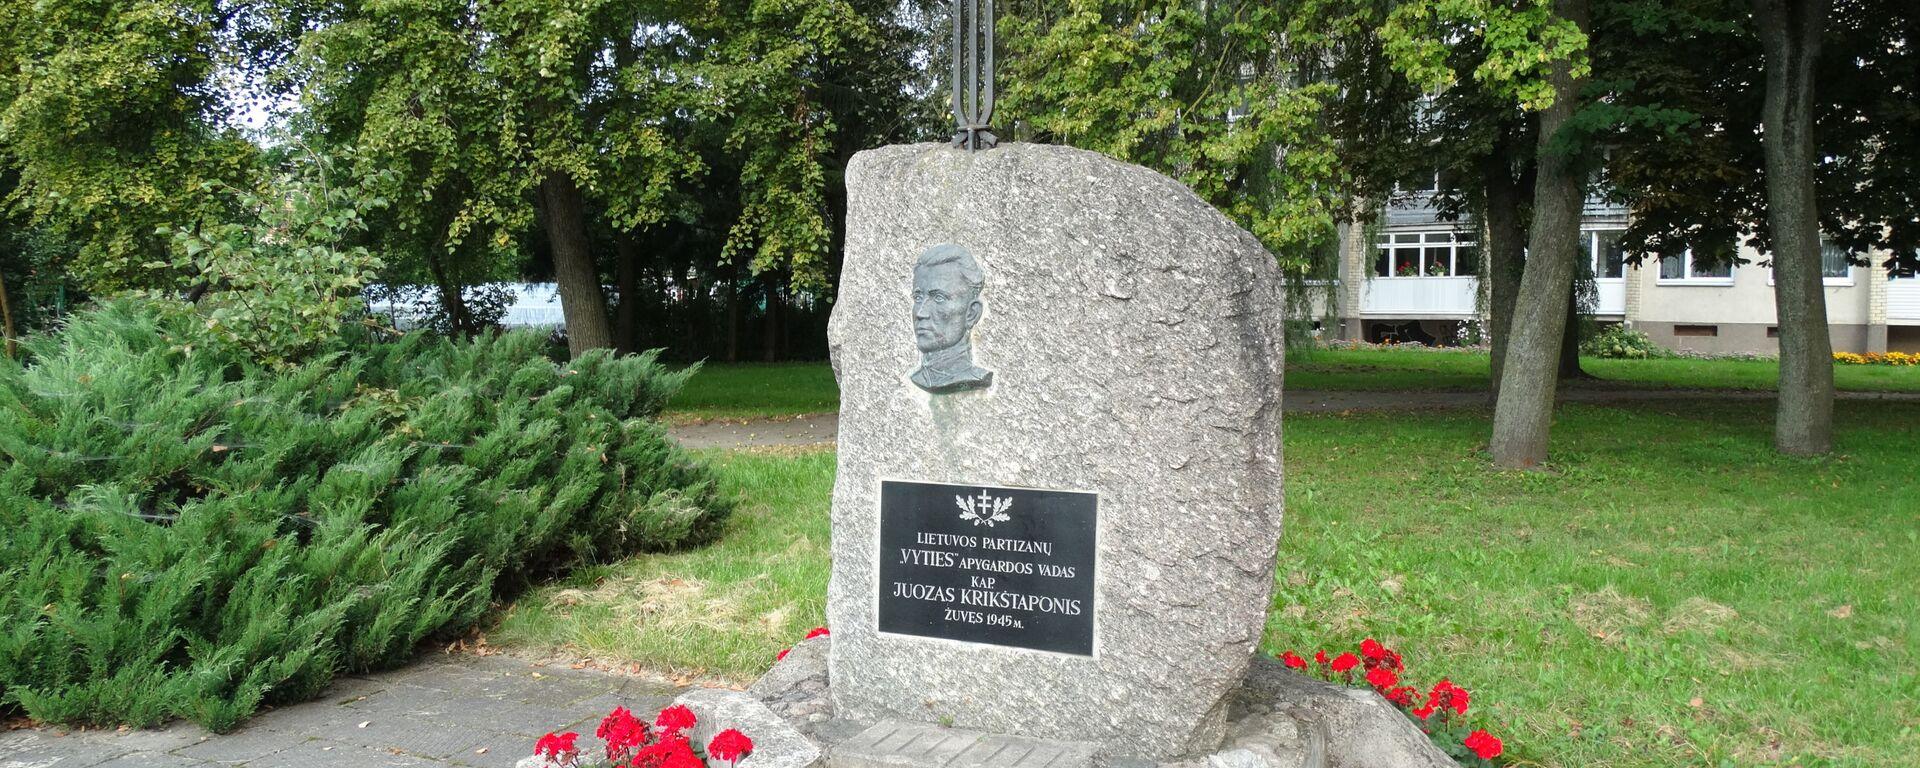 Памятник литовскому партизану Юозасу Крикштапонису - Sputnik Латвия, 1920, 26.09.2018